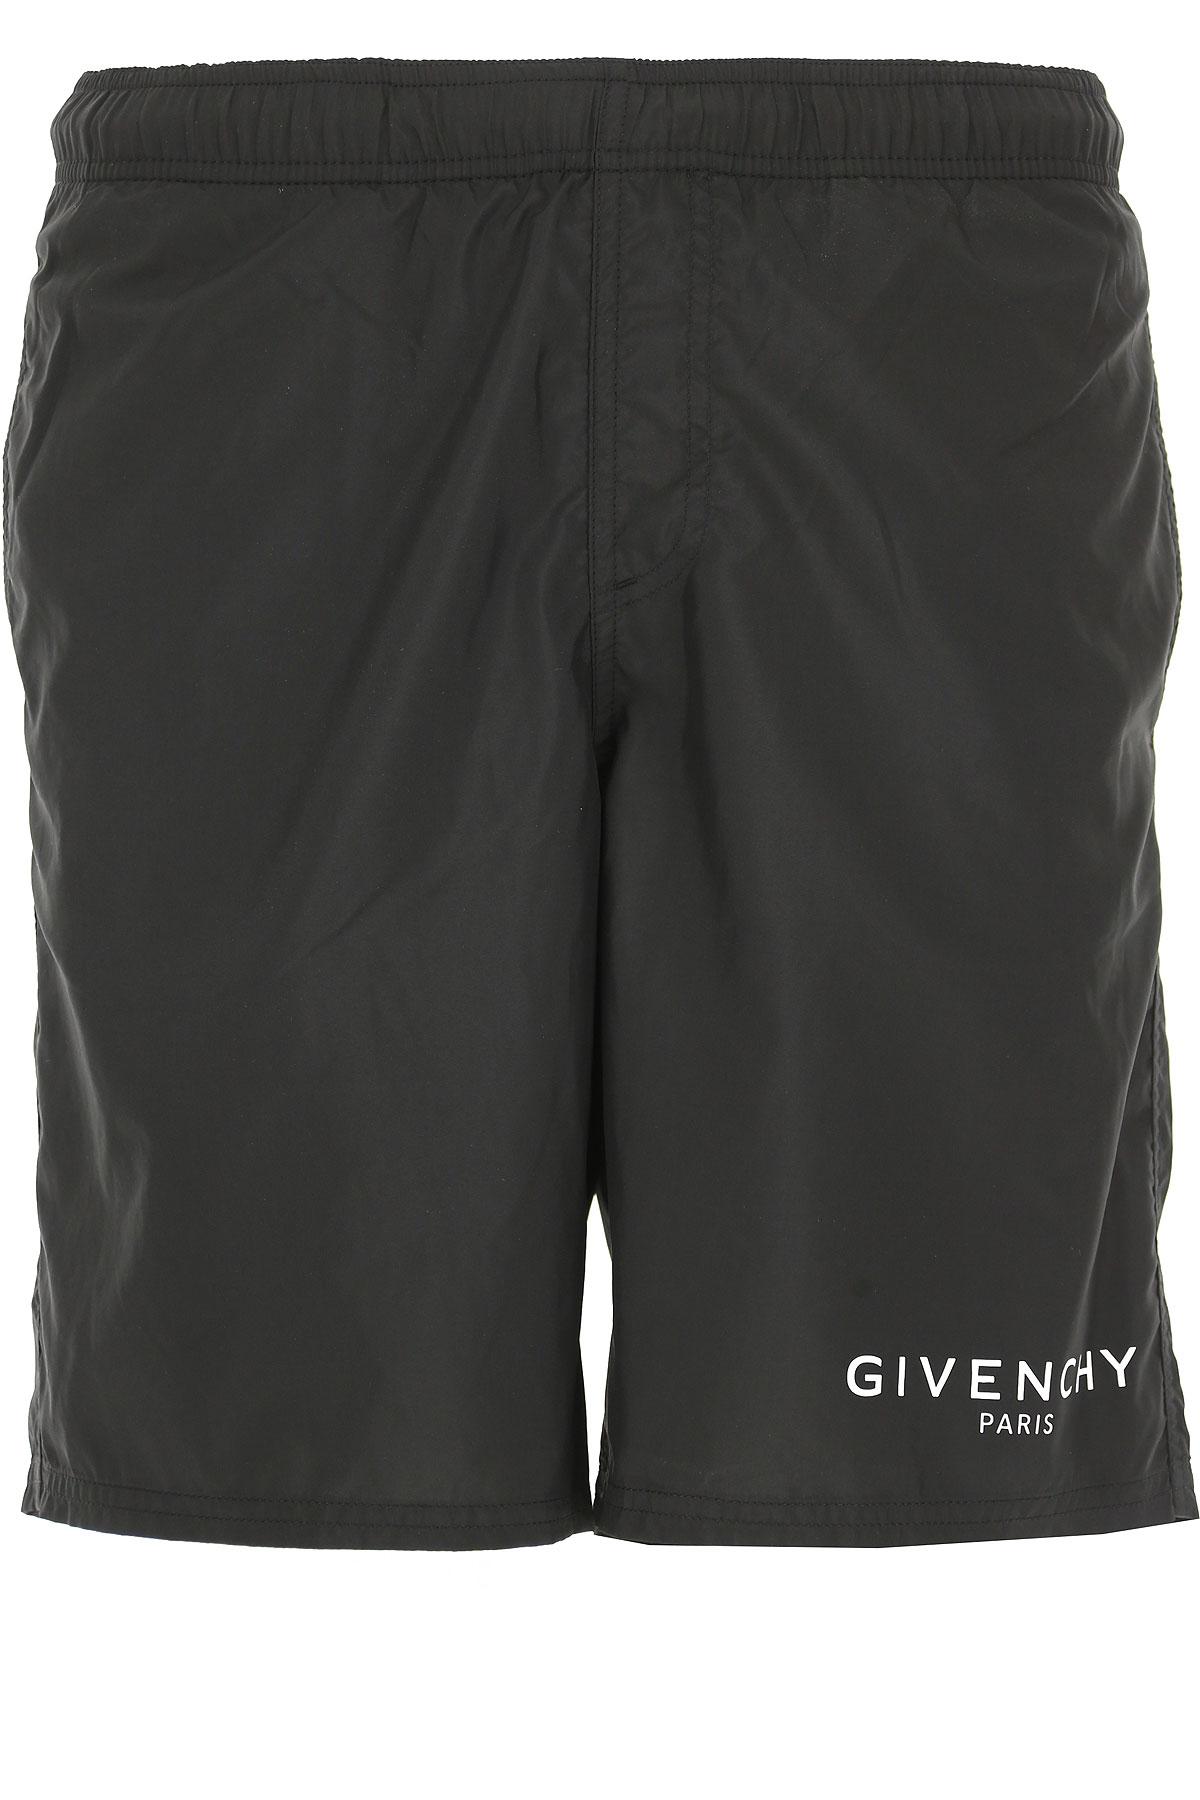 Givenchy Short de Bain Homme, Noir, Polyester, 2017, 46 48 50 52